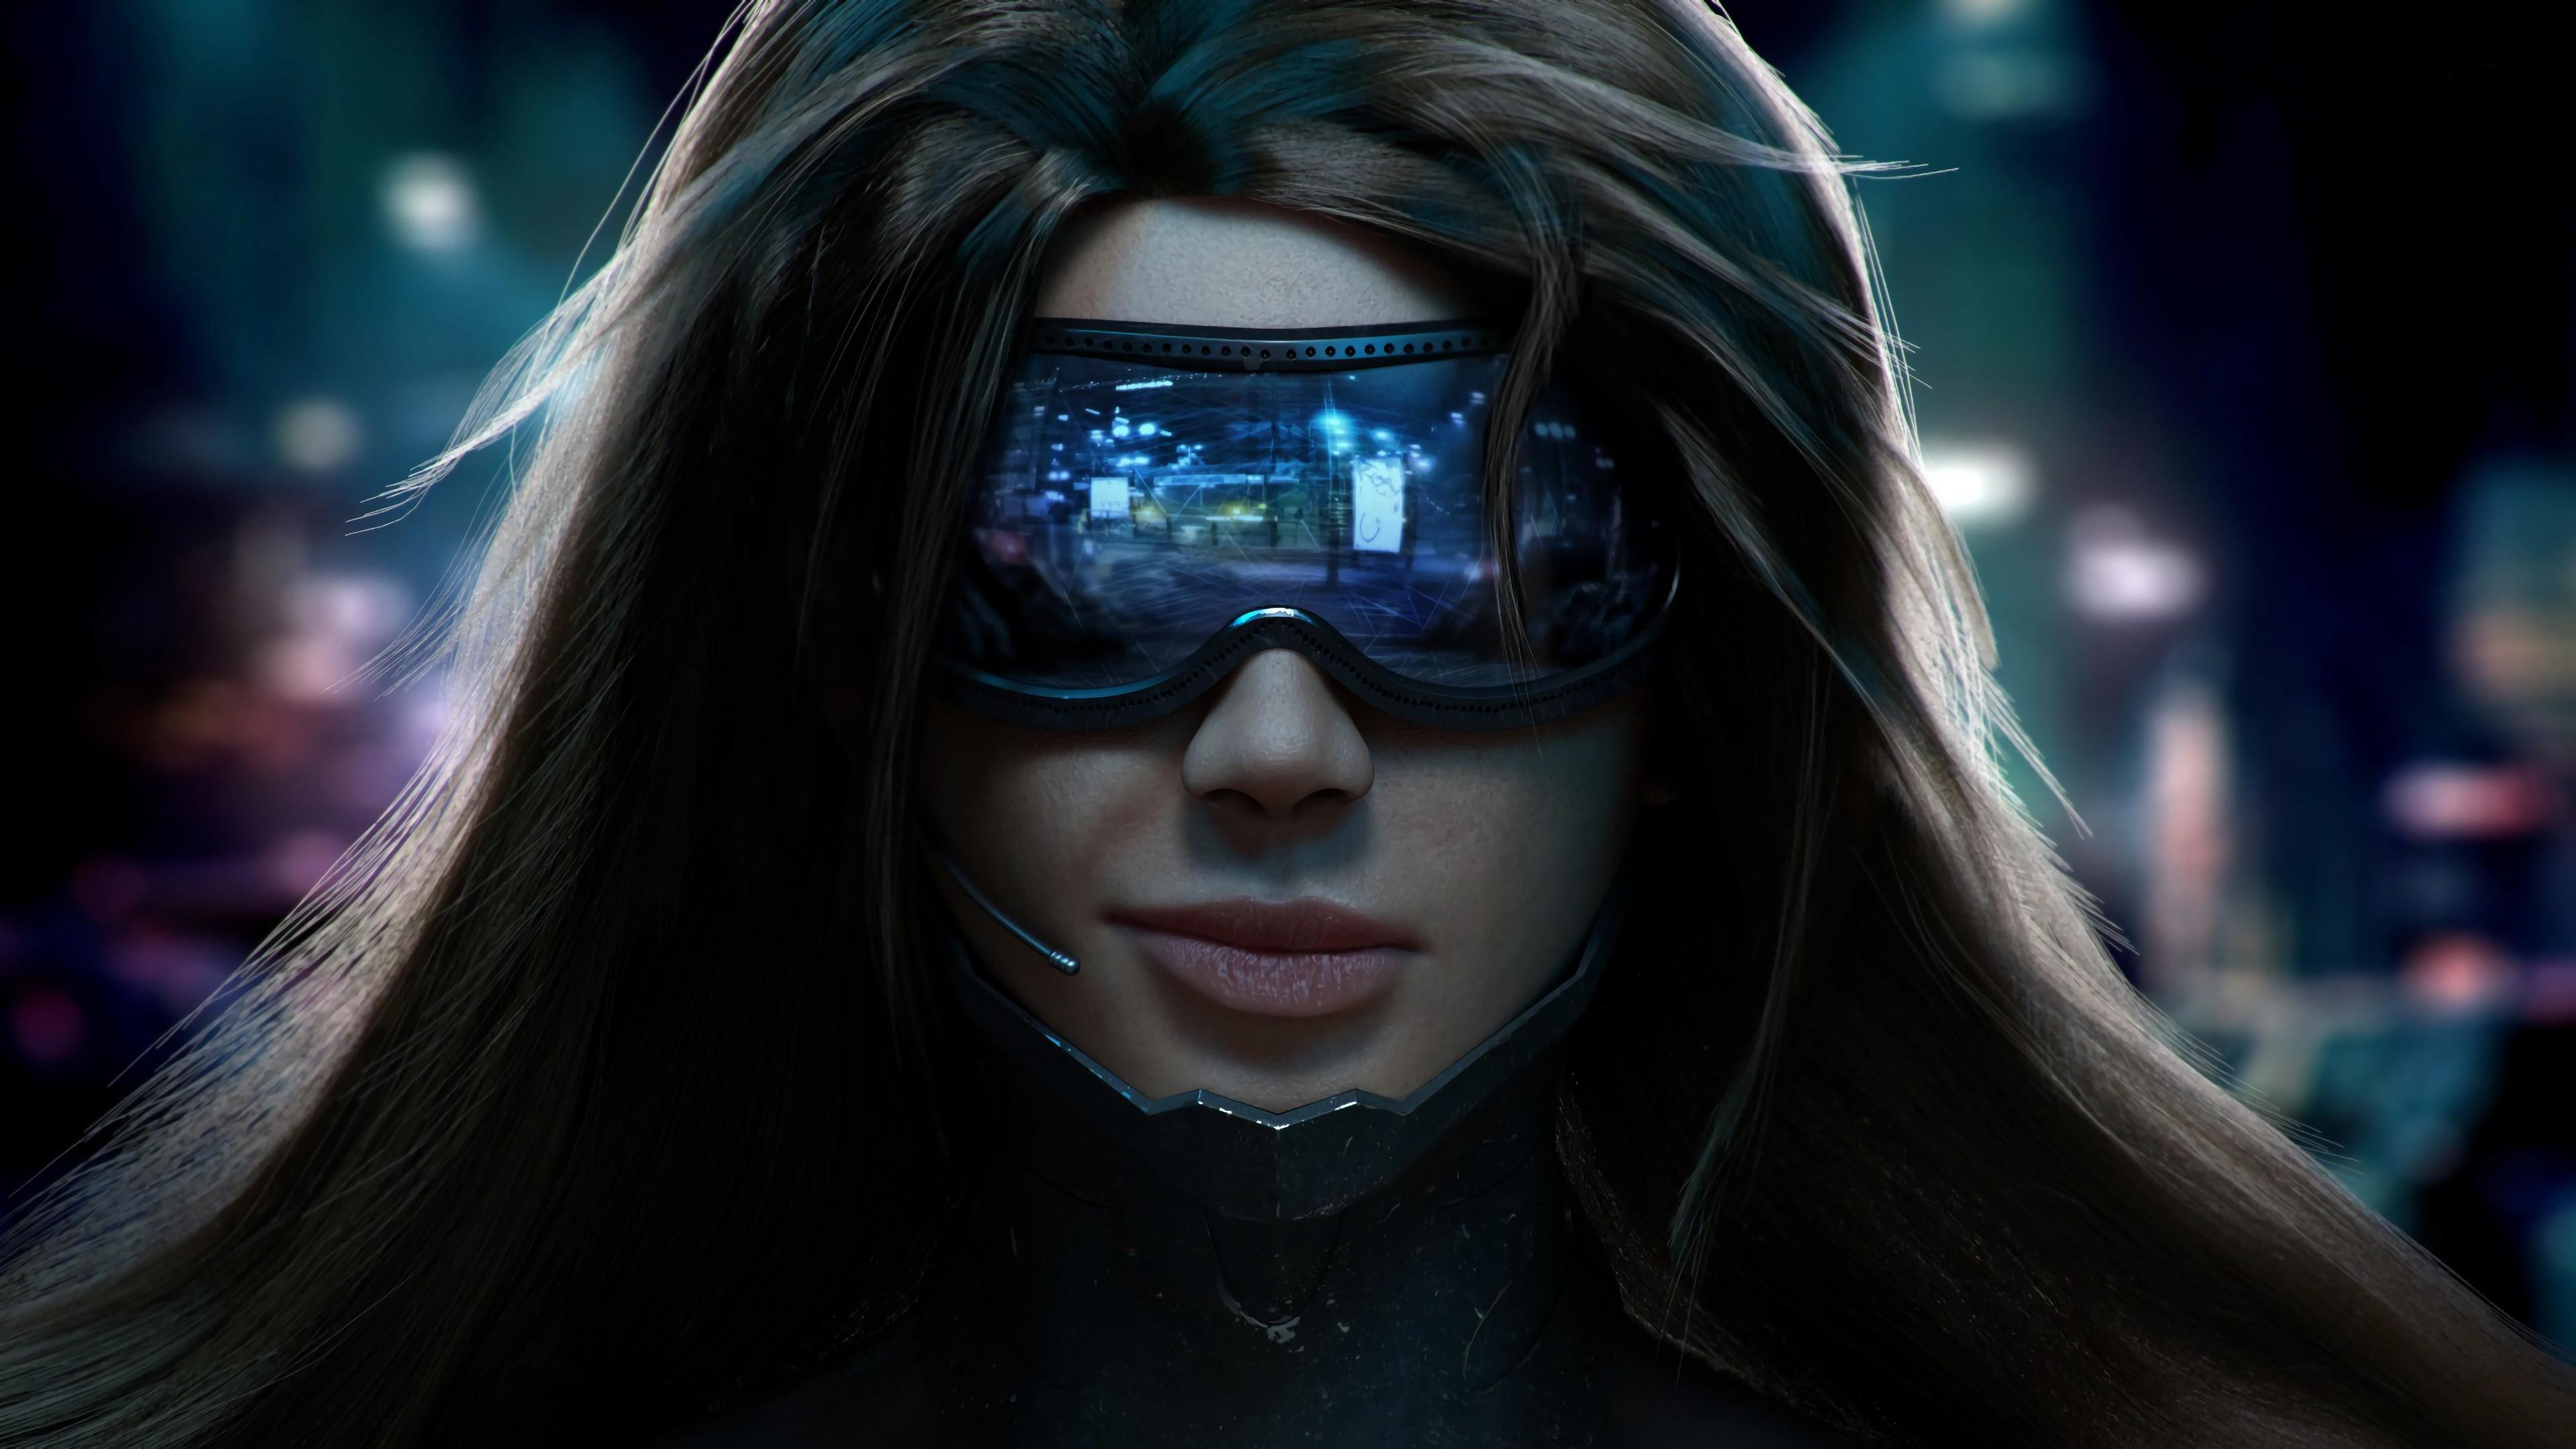 Wallpaper : Face, People, Video Games, Women, Model